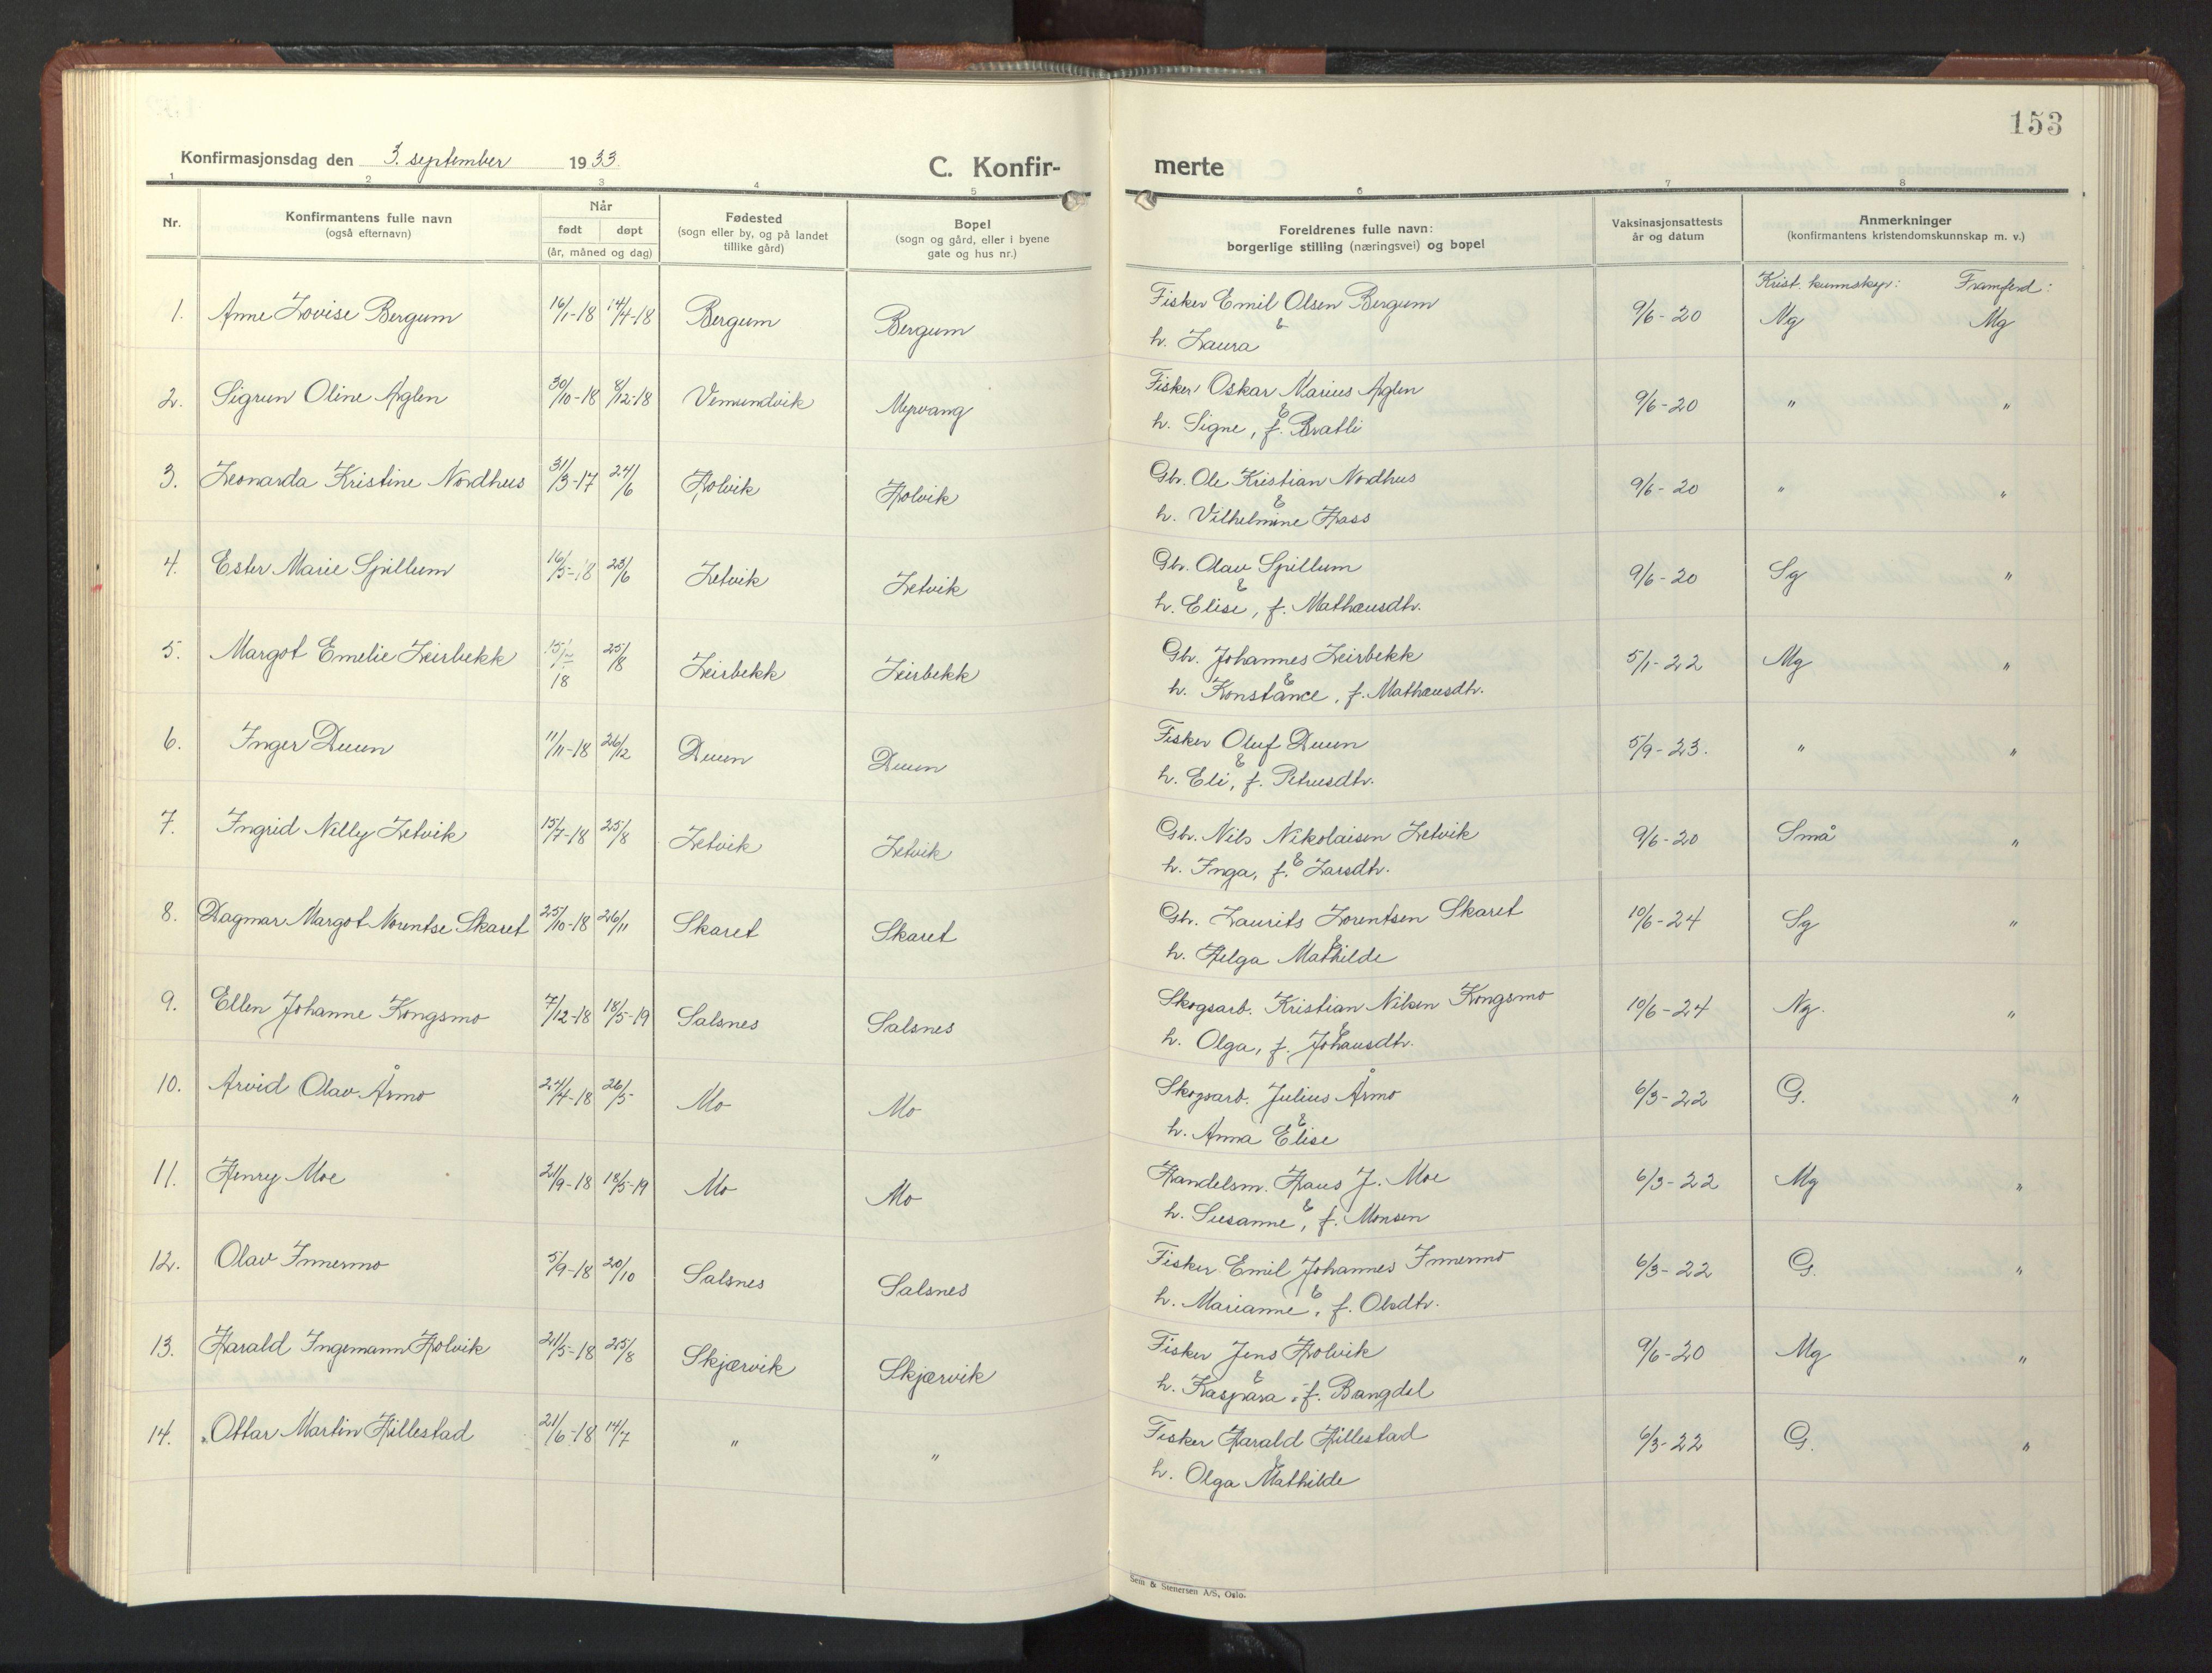 SAT, Ministerialprotokoller, klokkerbøker og fødselsregistre - Nord-Trøndelag, 773/L0625: Klokkerbok nr. 773C01, 1910-1952, s. 153